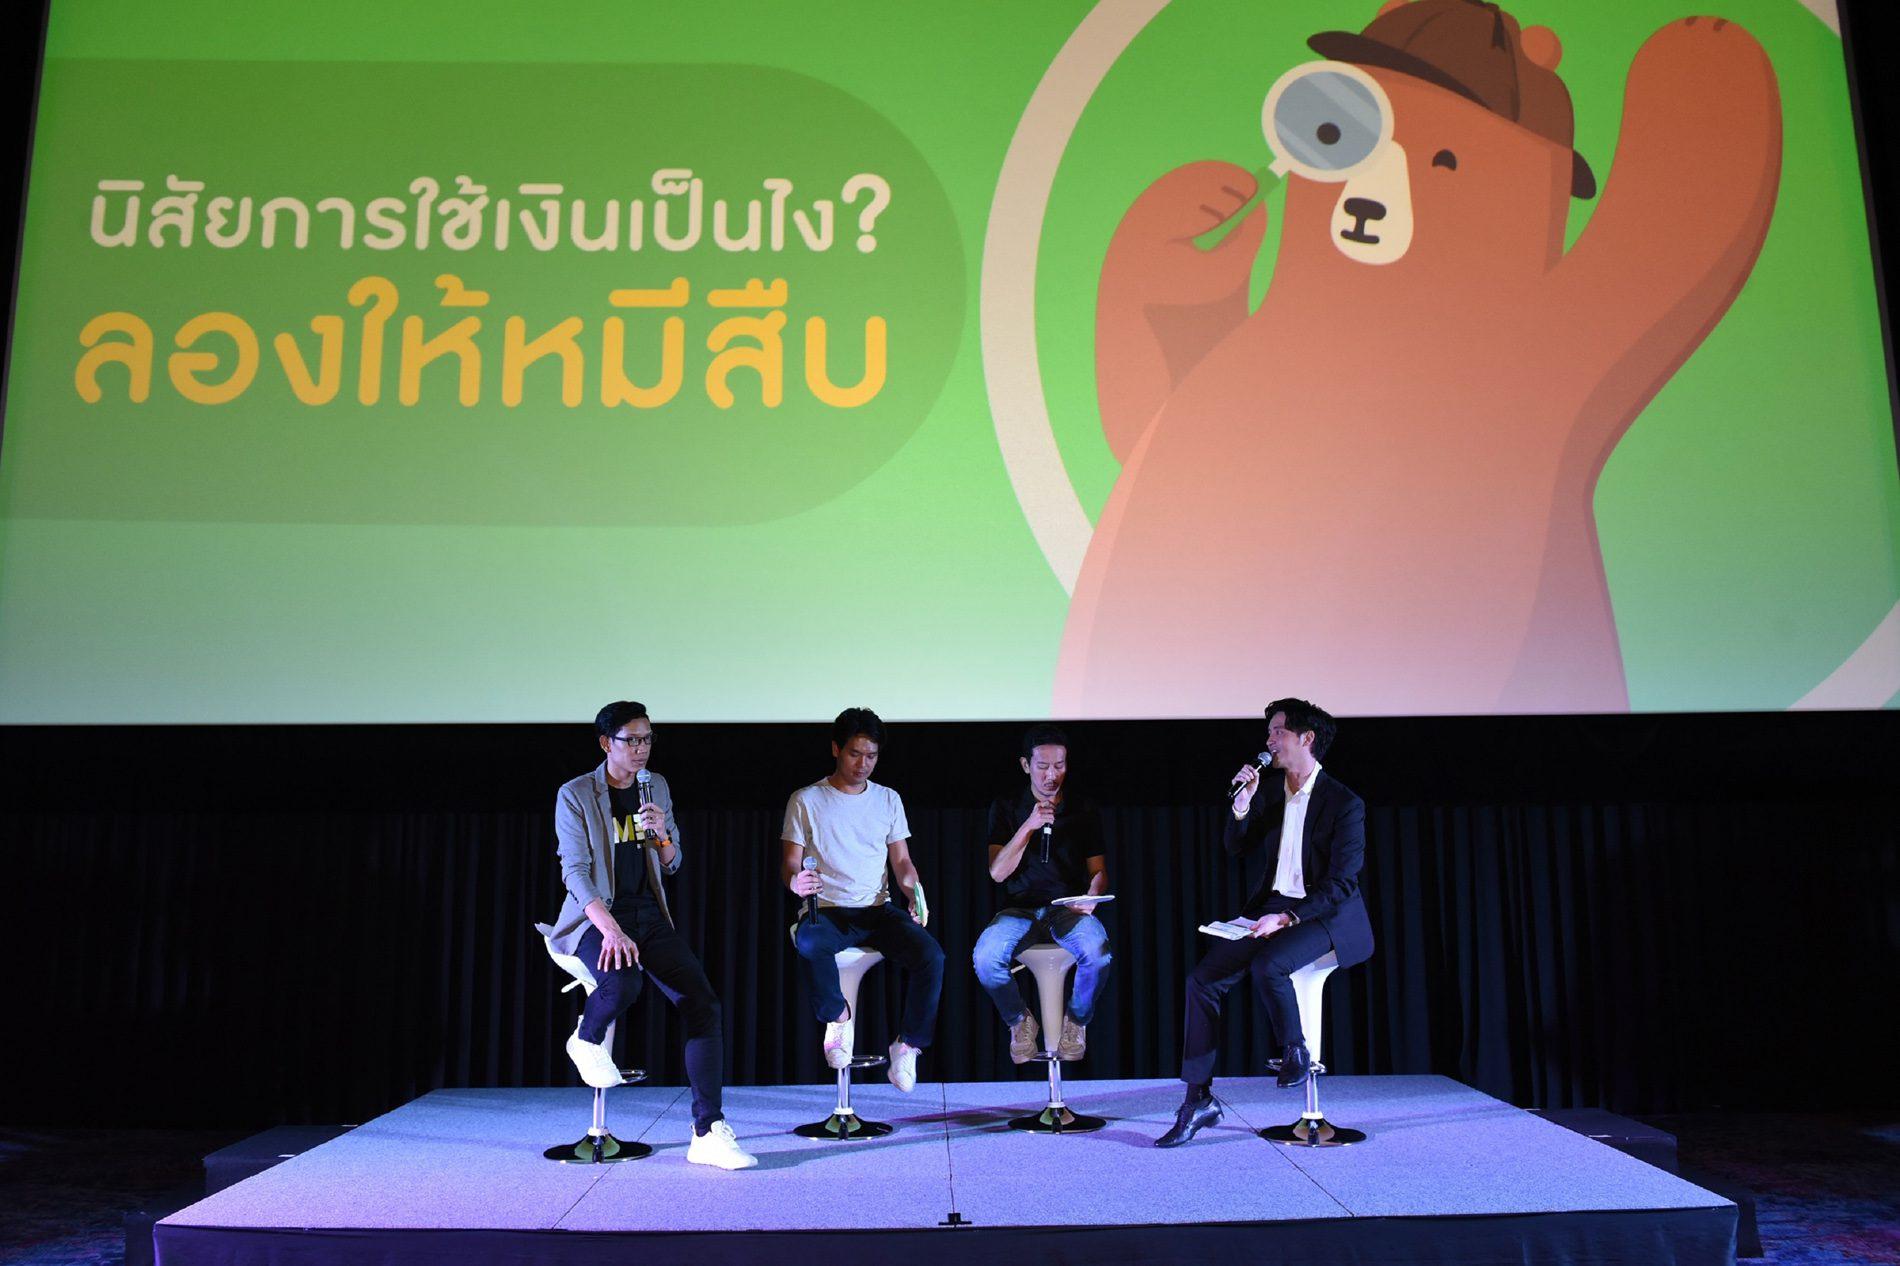 GoBear เปิดผลสำรวจล่าสุด อะไรทำให้คนไทยไม่บรรลุเป้าหมายทางการเงิน